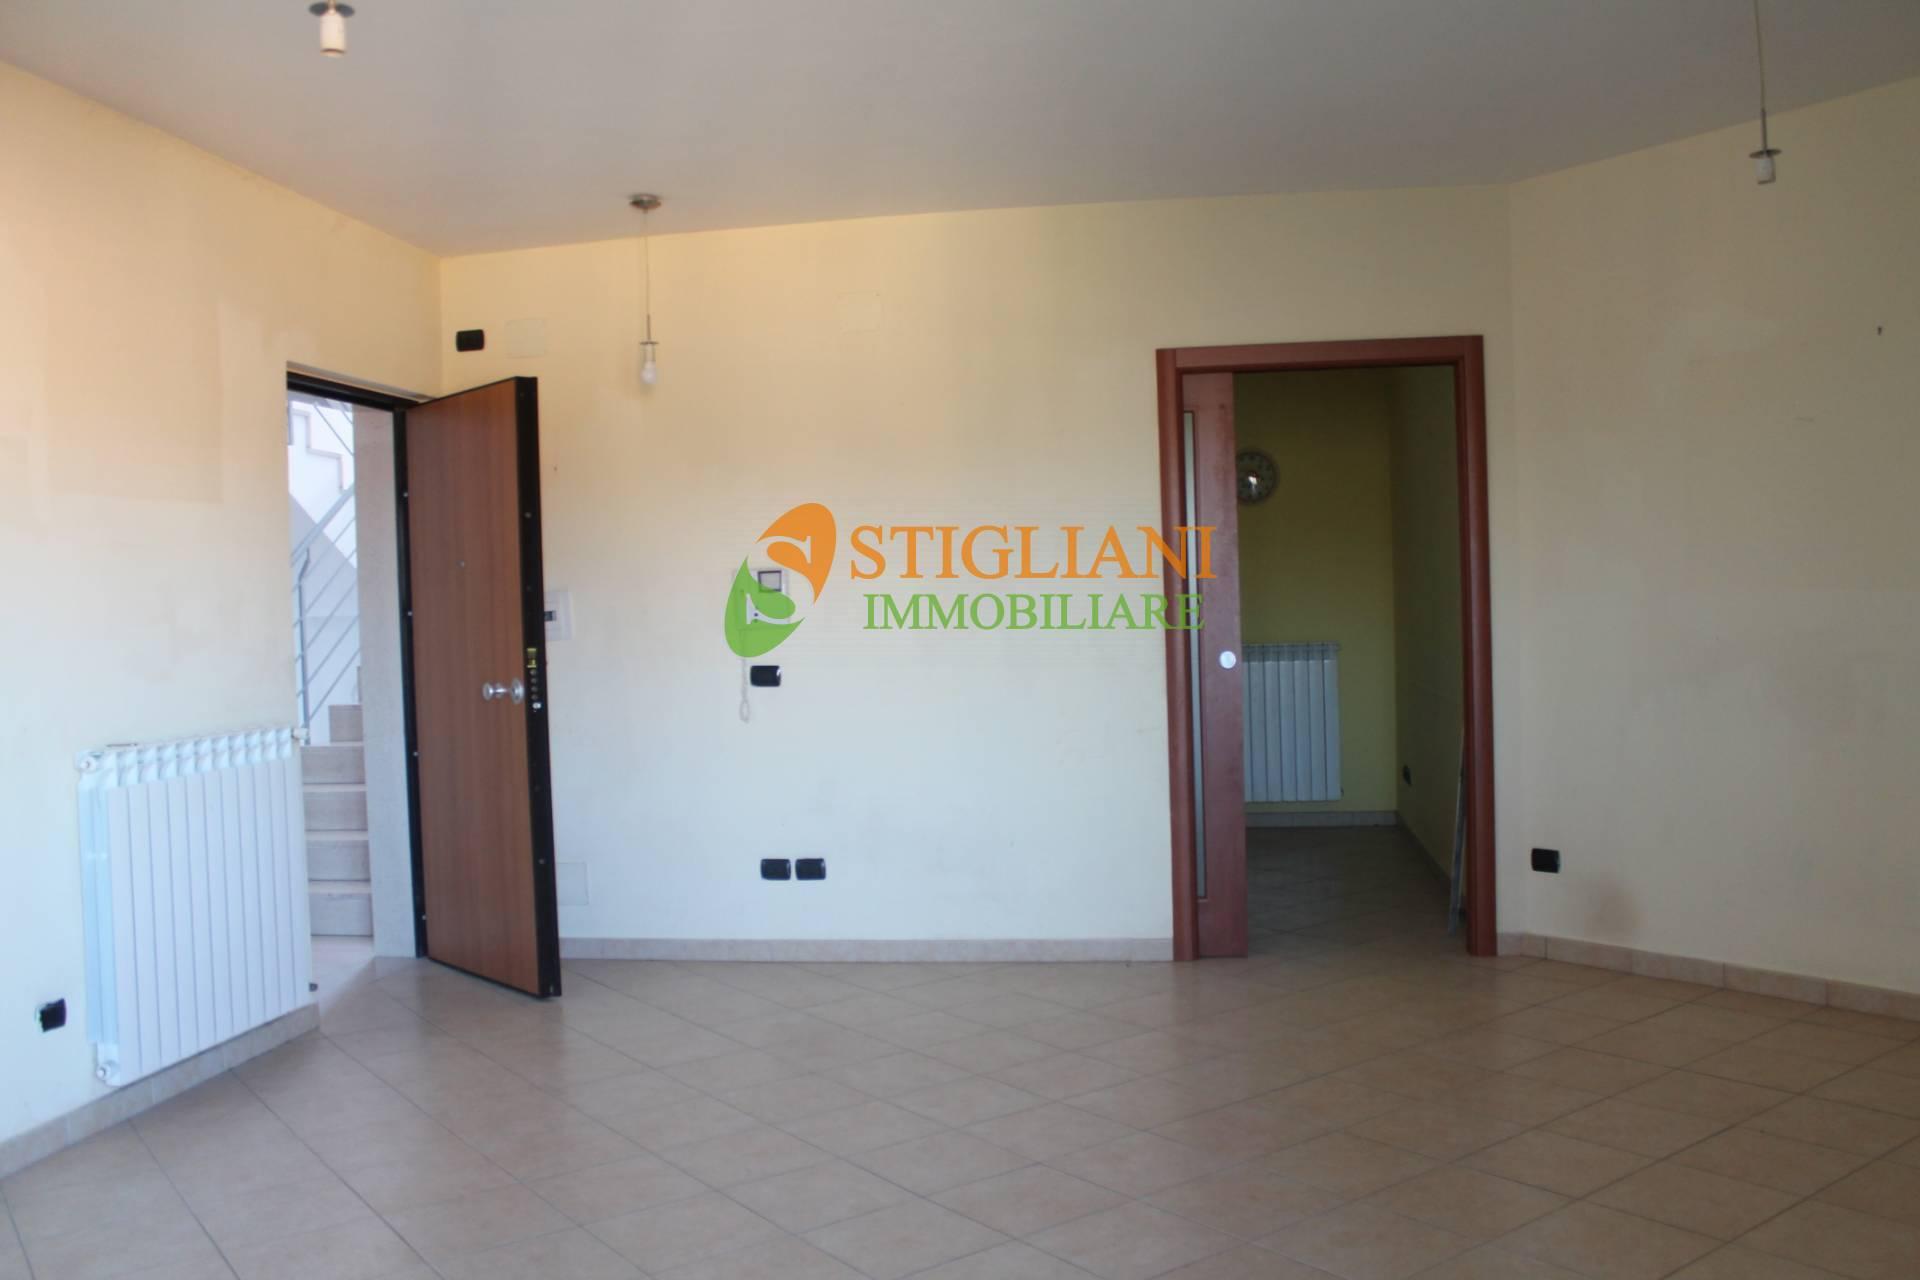 Appartamento in vendita a Ripalimosani, 5 locali, zona Località: ViaSanRocco, prezzo € 130.000 | CambioCasa.it